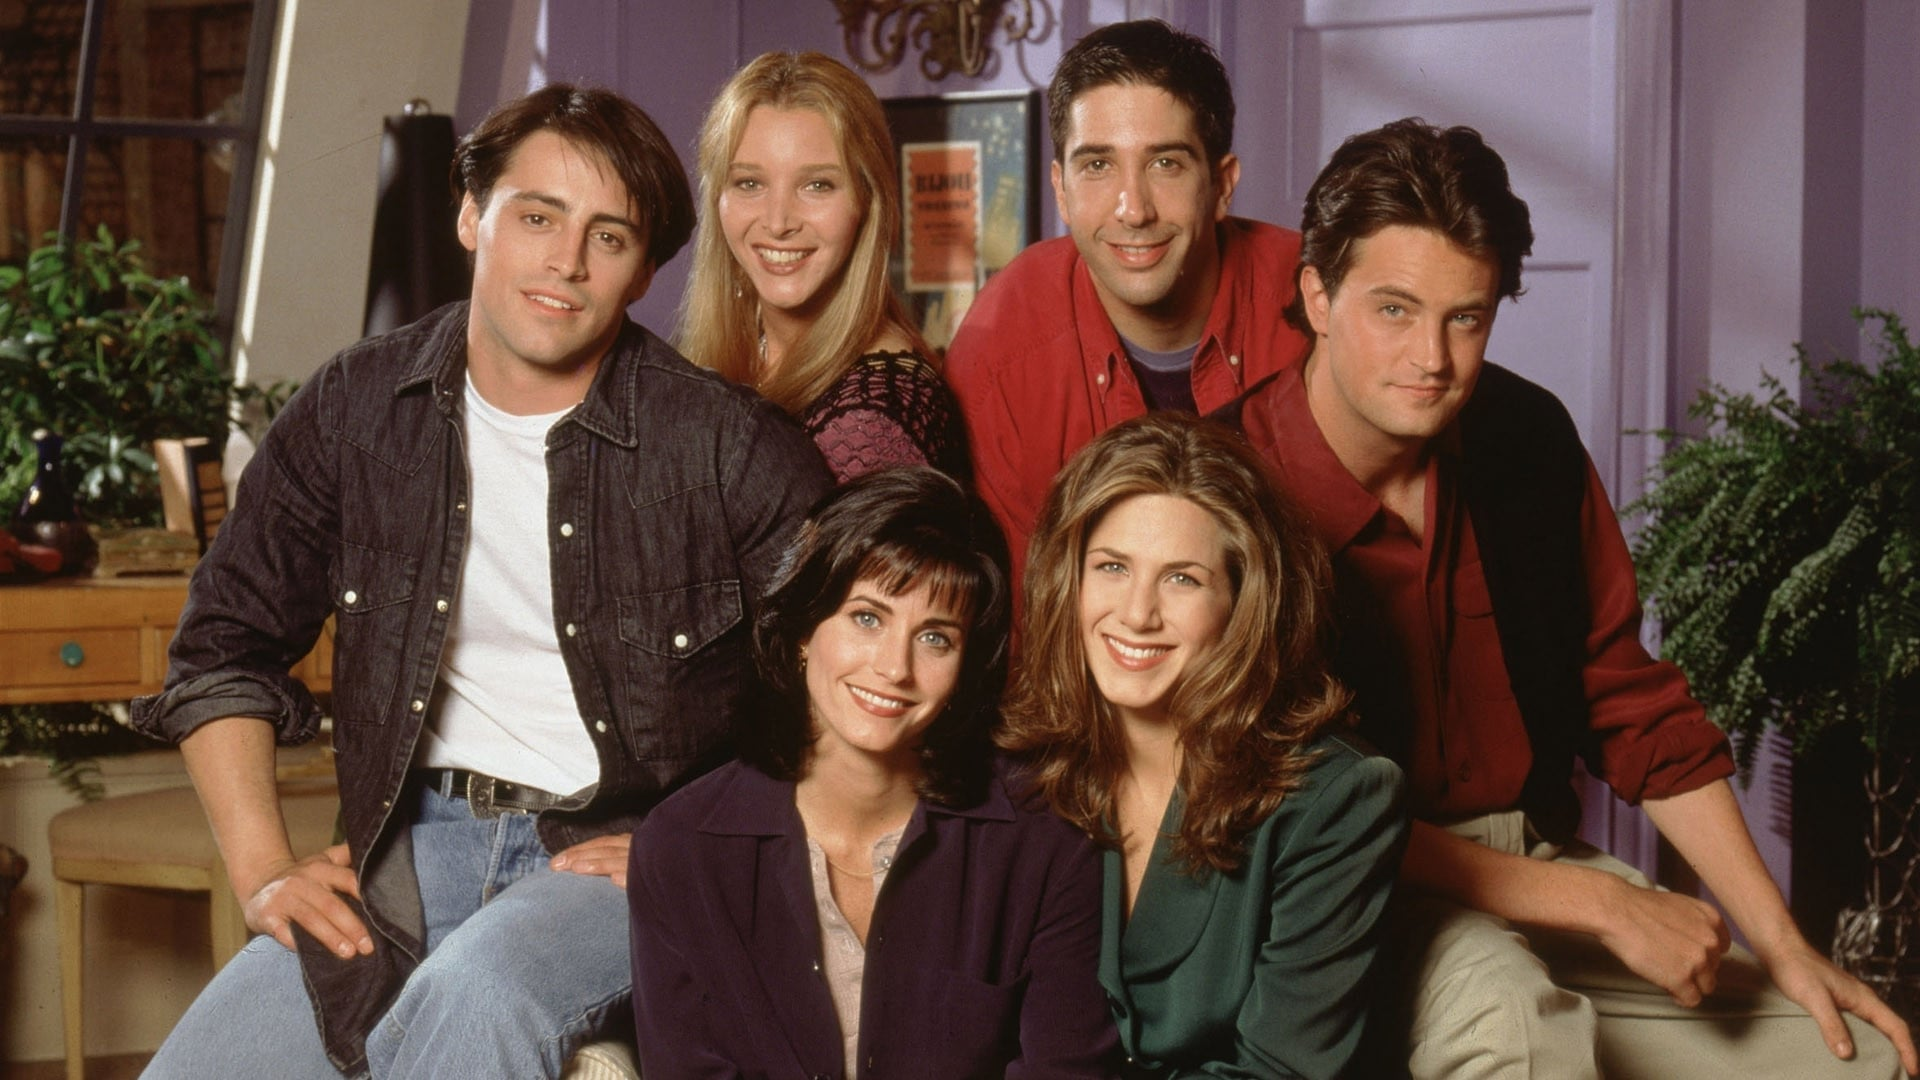 Friends - Season 10 Episode 11